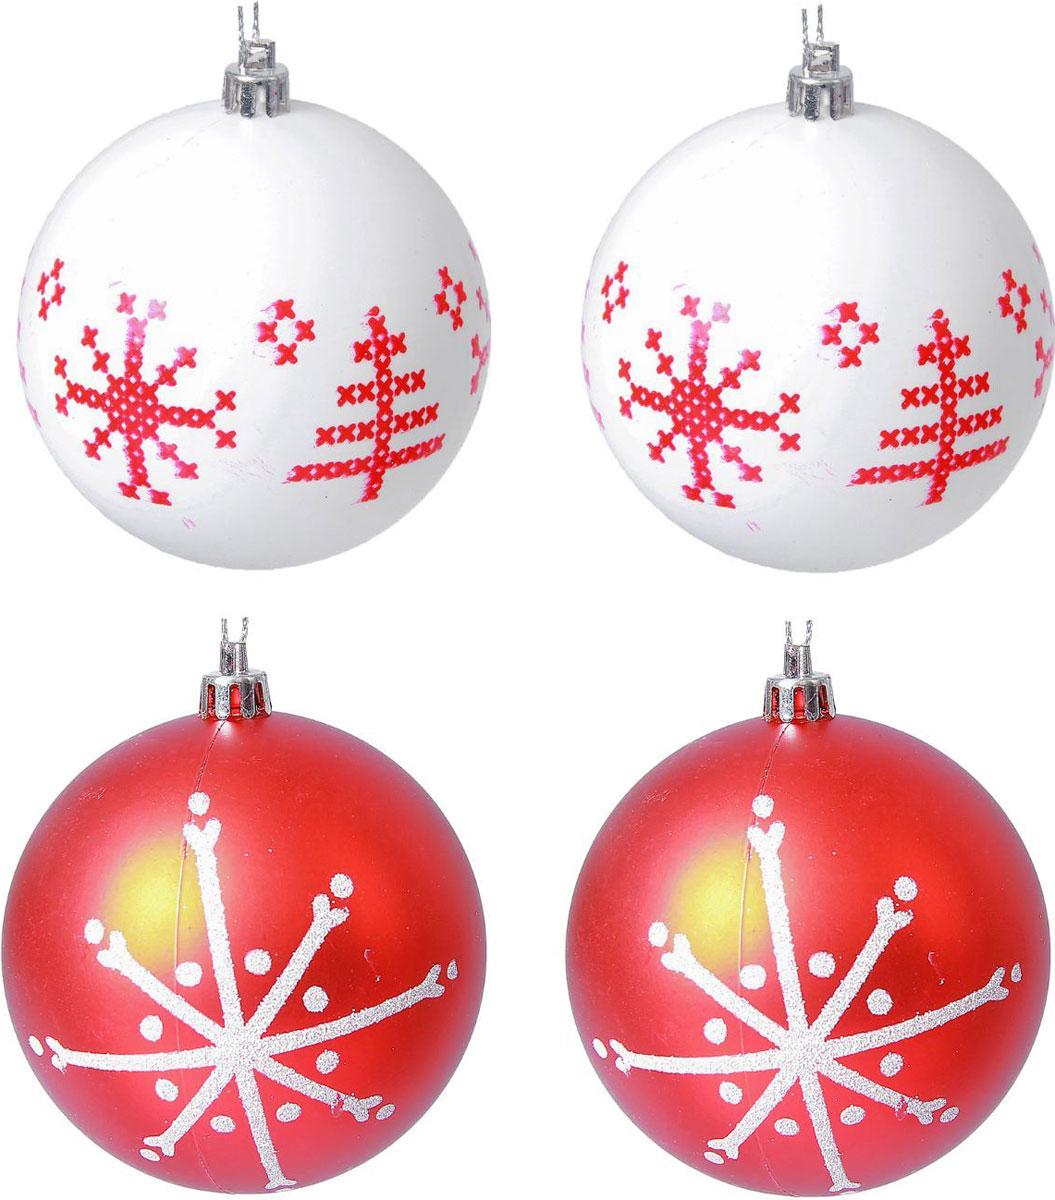 Набор новогодних подвесных украшений Sima-land Снежинка, диаметр 8 см, 4 шт2137209Набор новогодних подвесных украшений Sima-land отлично подойдет для декорации вашего дома и новогодней ели. С помощью специальной петельки украшение можно повесить в любом понравившемся вам месте. Но, конечно, удачнее всего оно будет смотреться на праздничной елке. Елочная игрушка - символ Нового года. Она несет в себе волшебство и красоту праздника. Создайте в своем доме атмосферу веселья и радости, украшая новогоднюю елку нарядными игрушками, которые будут из года в год накапливать теплоту воспоминаний.